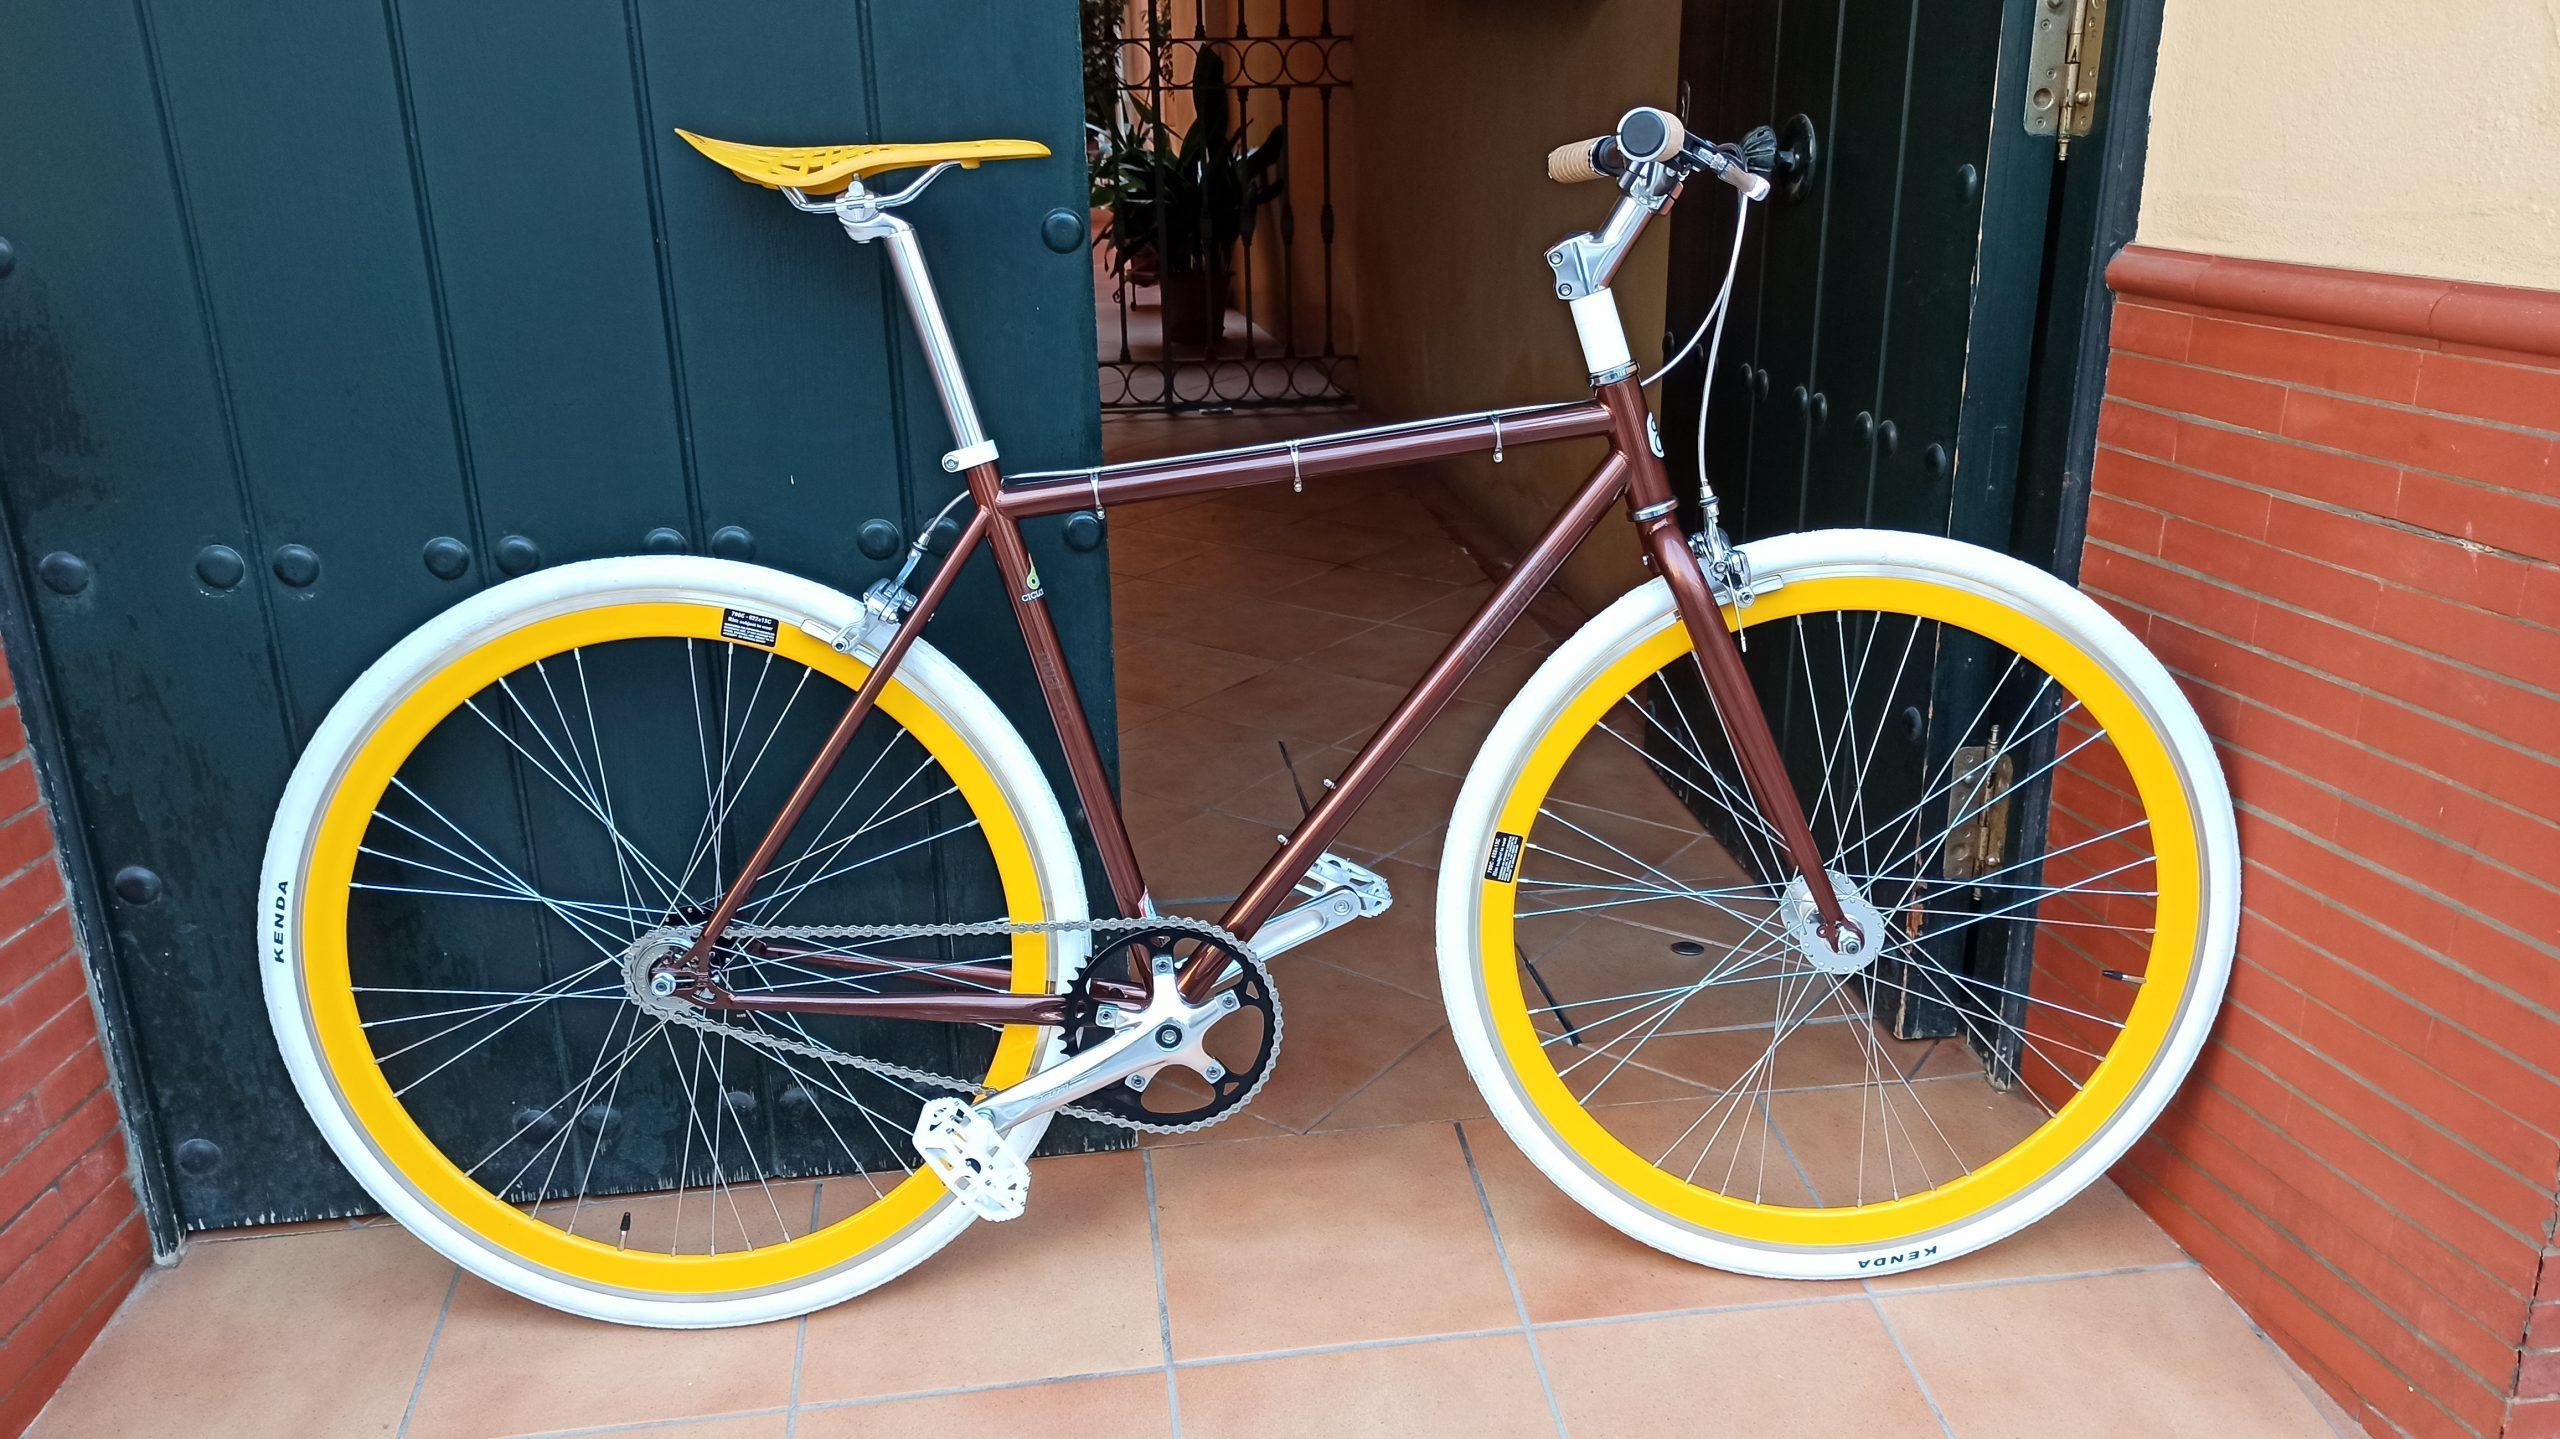 Single-speed marrón,blanca y amarilla